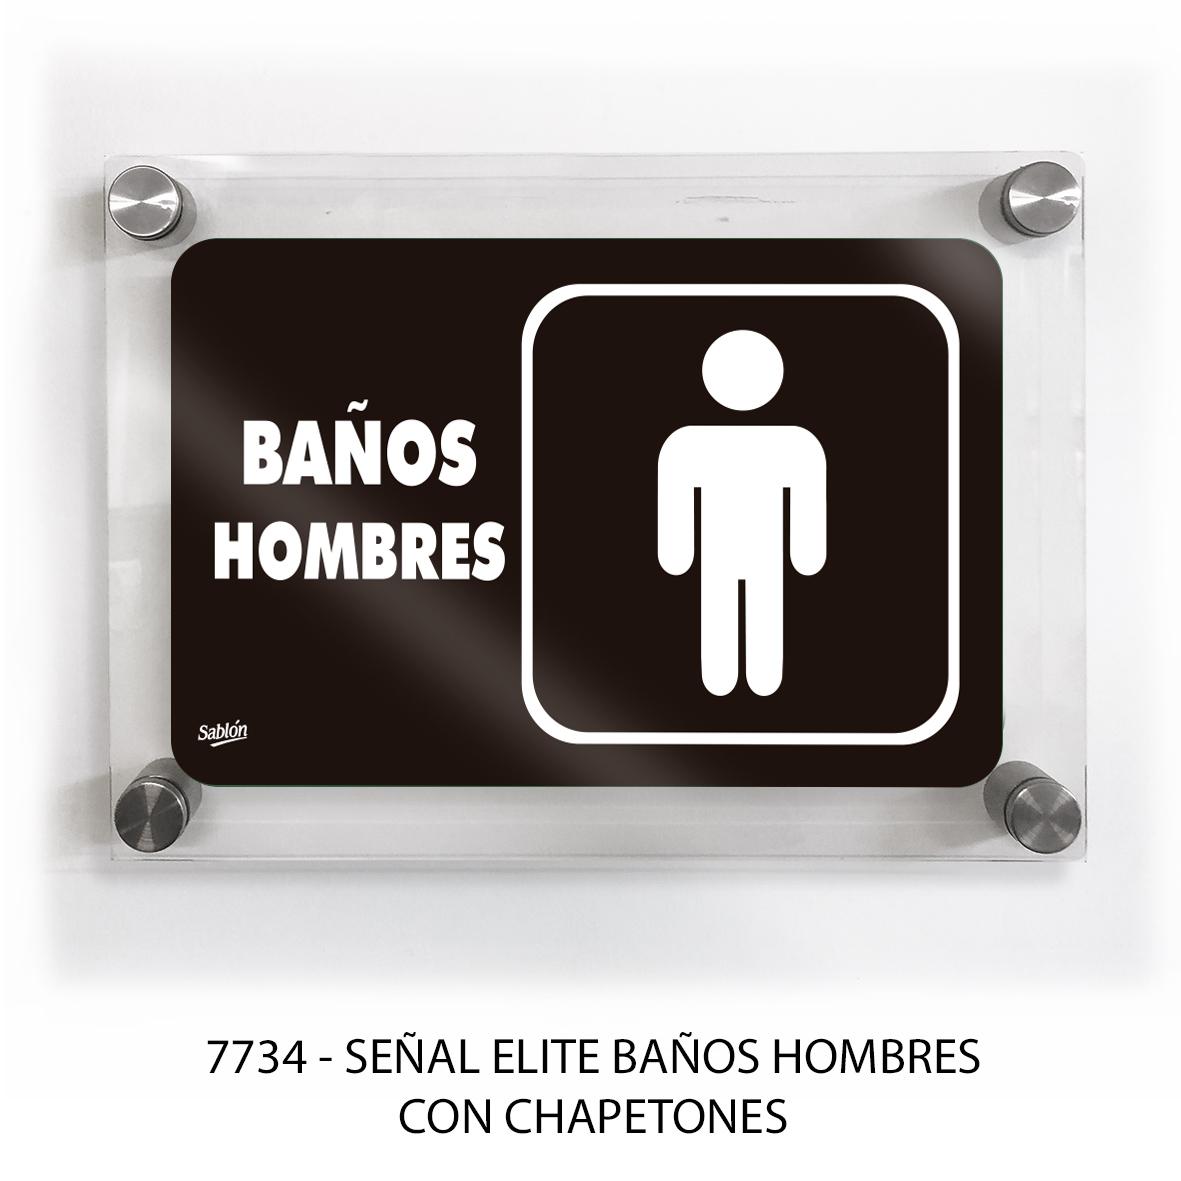 Señal para baños hombres con chapetones línea elite modelo 7734 Sablón